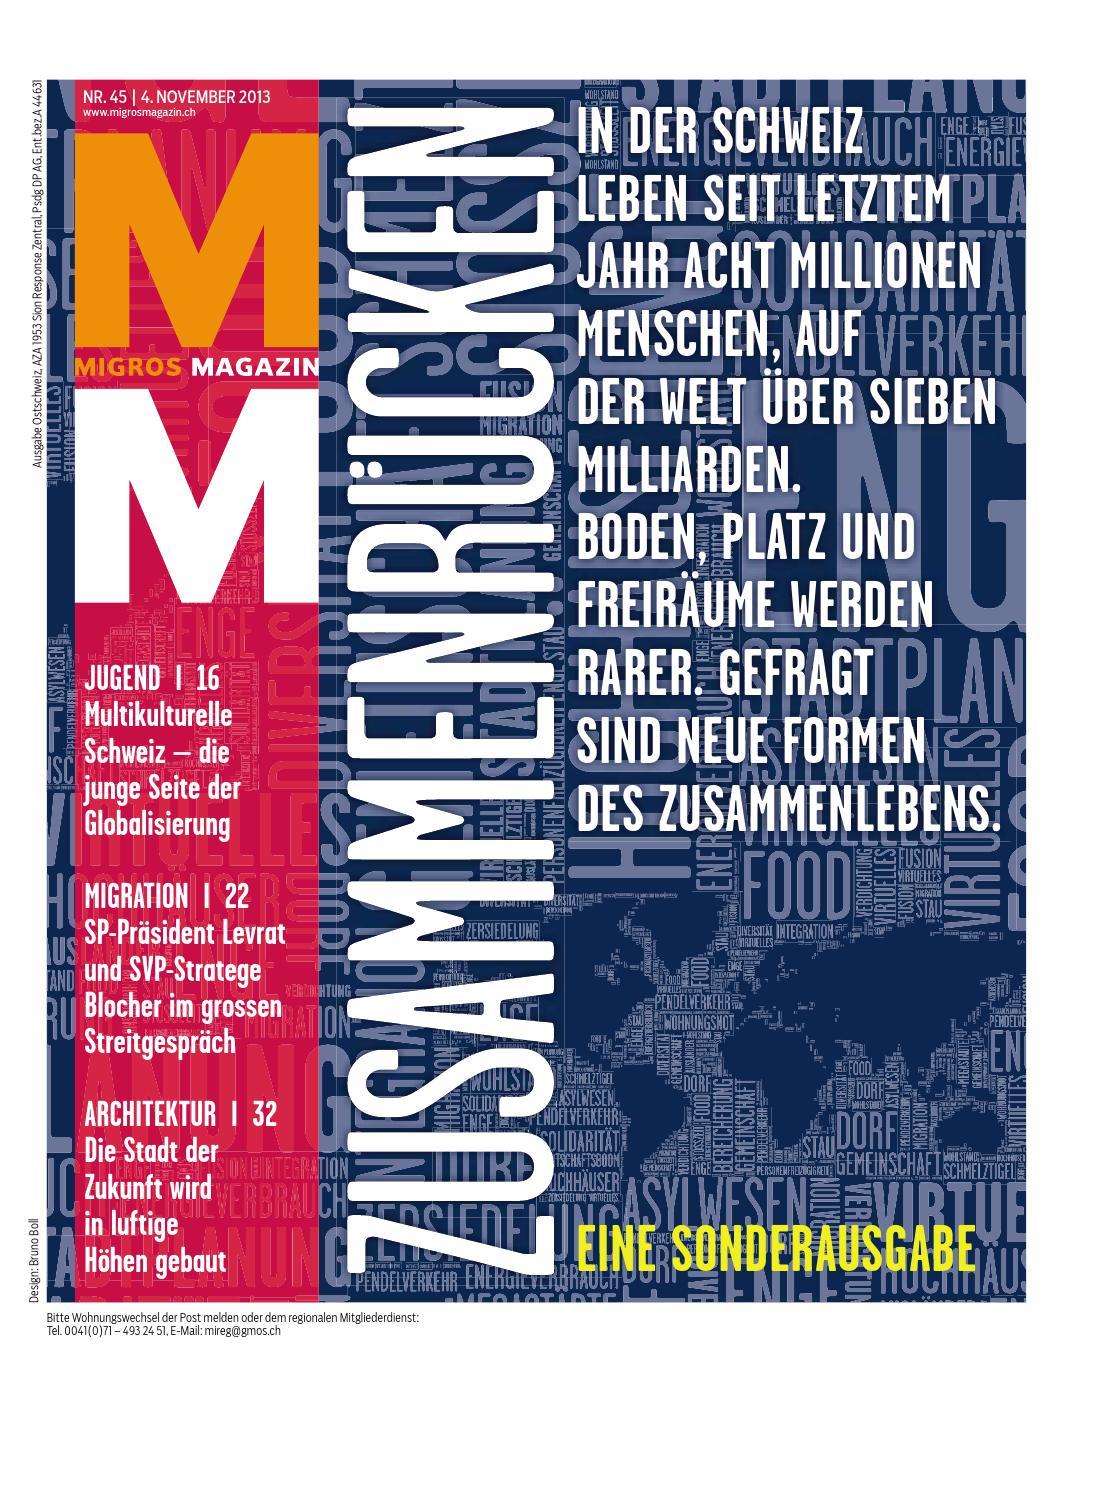 Migros magazin 45 2013 d os by Migros-Genossenschafts-Bund - issuu